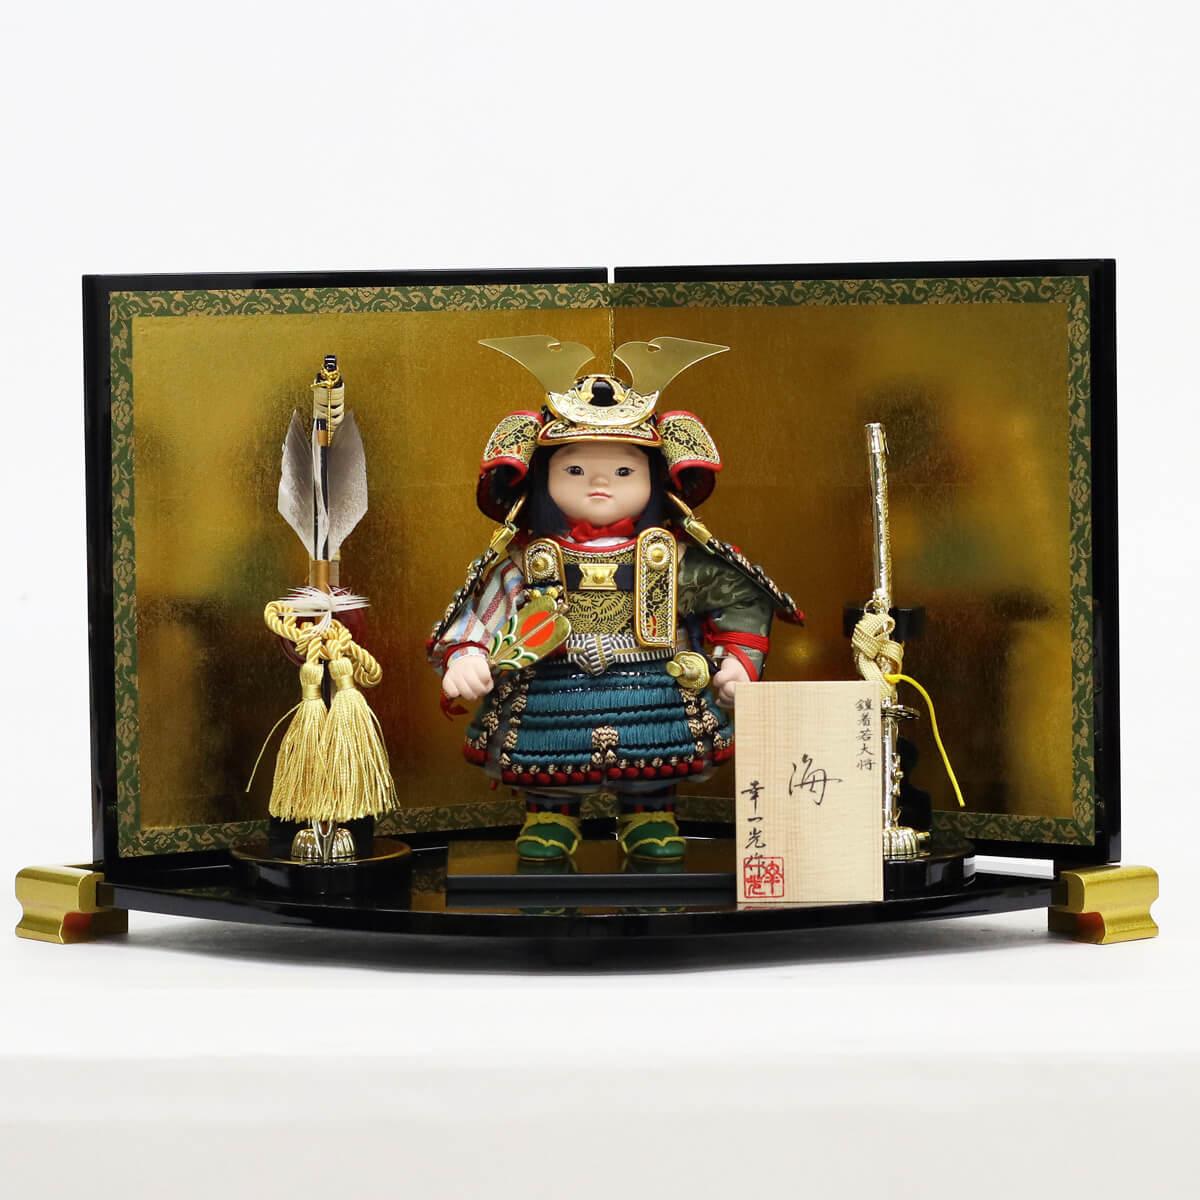 五月人形 幸一光 子供大将飾り 海 (かい) 鎧着 金屏風セット ≪GOKI-KAI-NO-03≫コンパクト おしゃれ 子供大将飾り 武者人形 子供大将飾り 五月人形